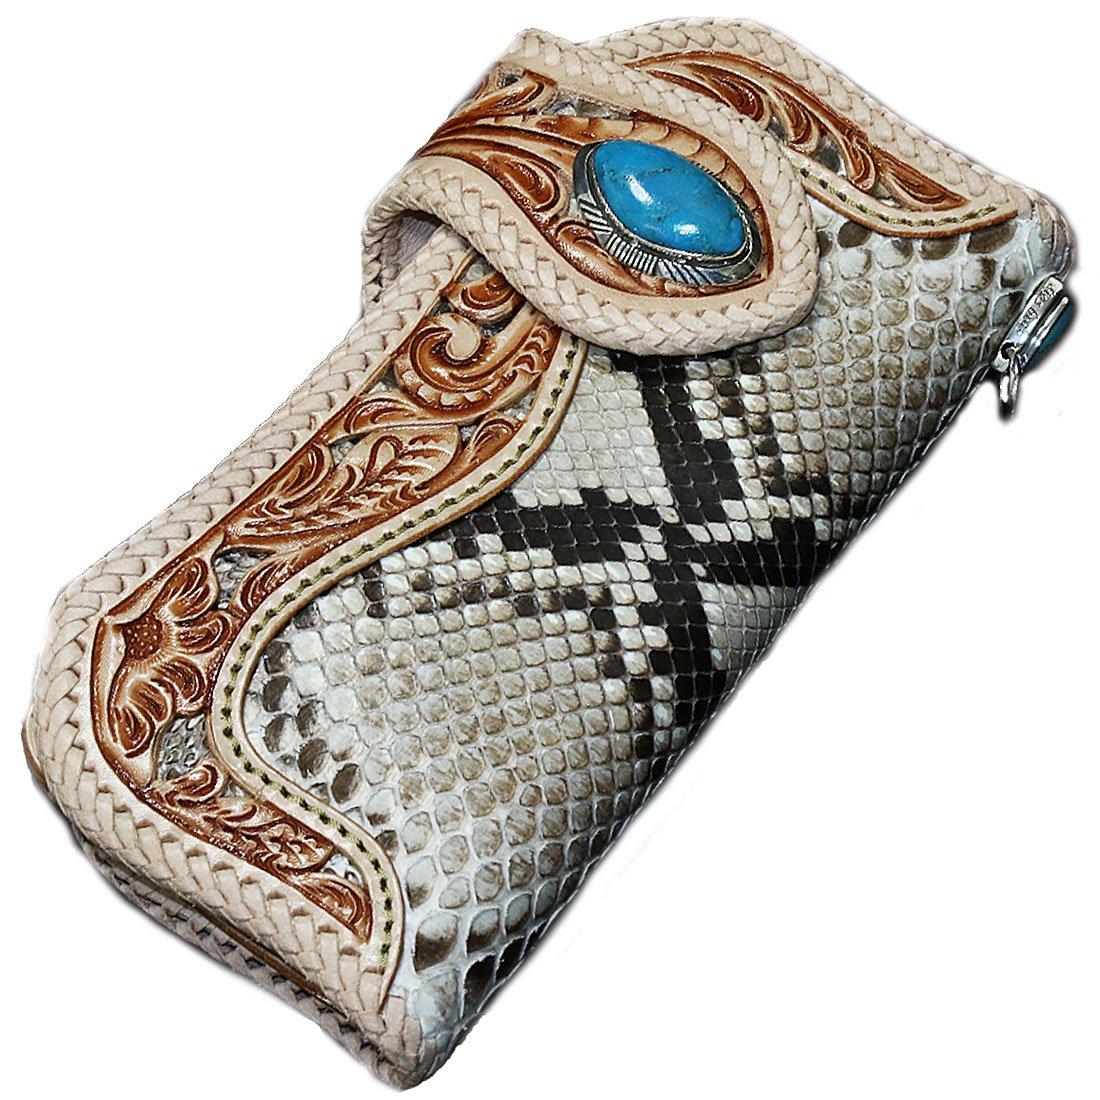 バイカーズウォレット レザーウォレット メンズ 長財布 本革 レザー 透かし彫り カービング パイソン 蛇 へび メンズ長財布 お財布 B01M7UVKDX ジョイントパーツ:J11 コンチョ:NE